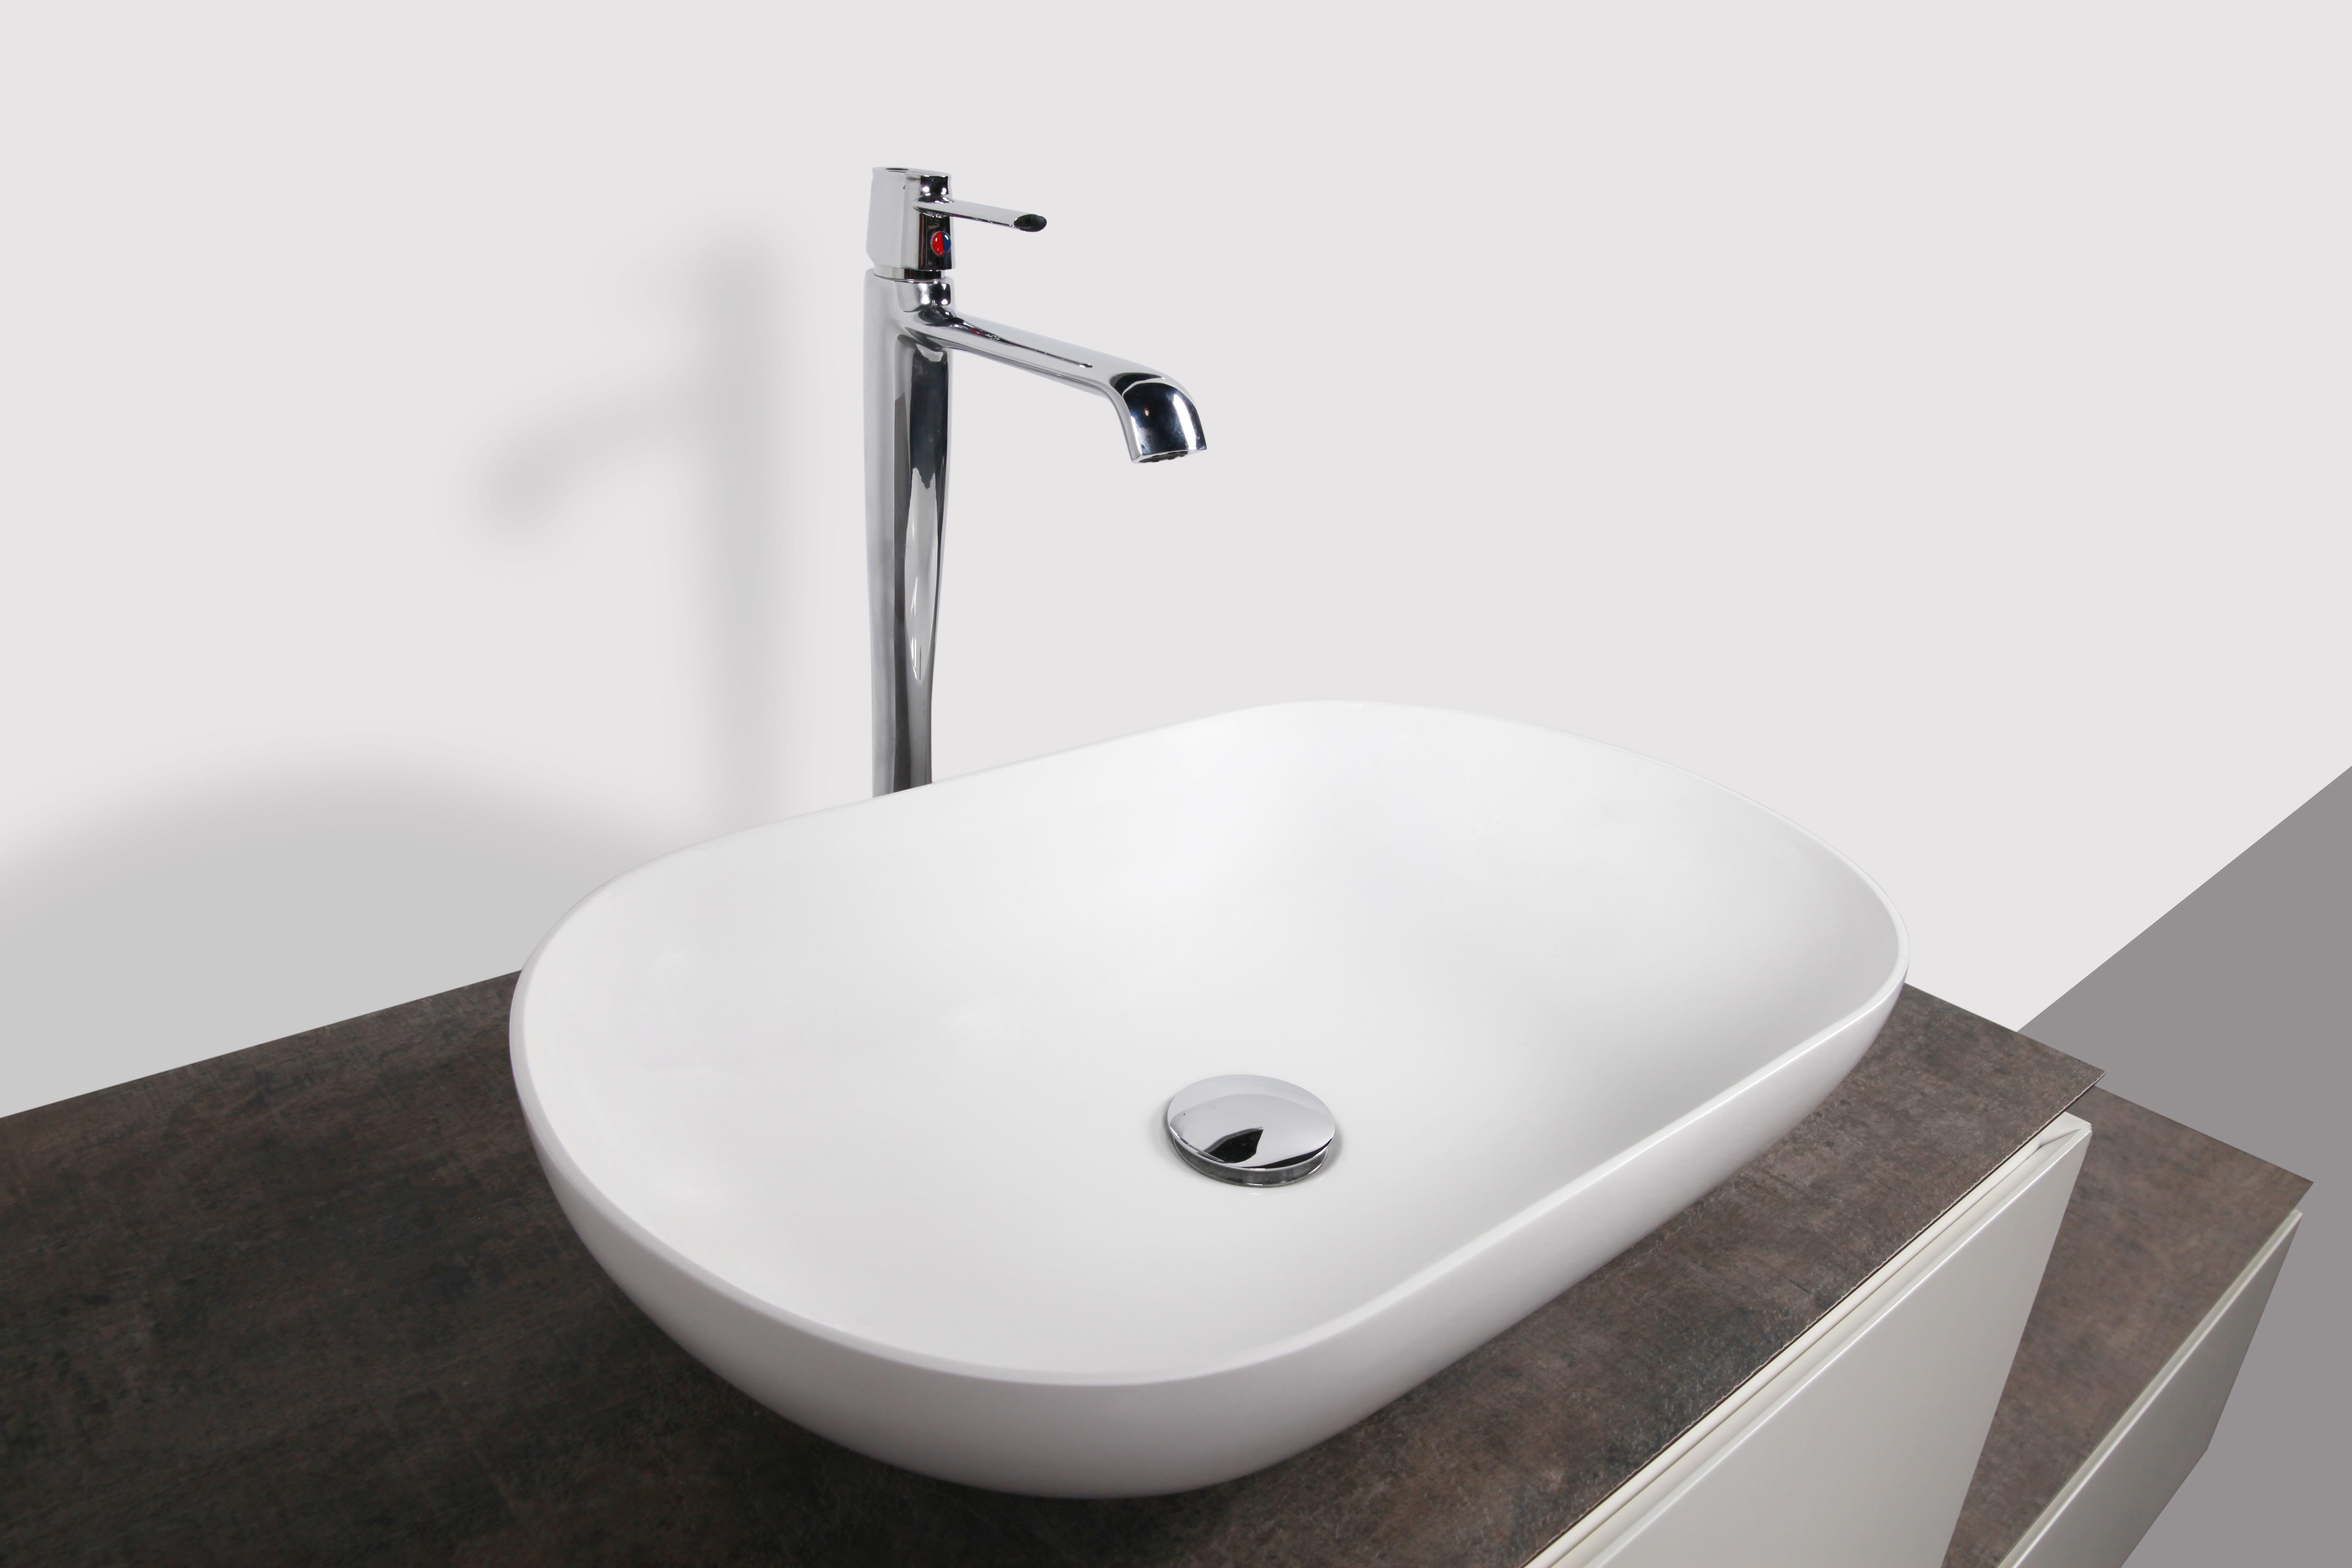 Aufsatzwaschbecken O-540